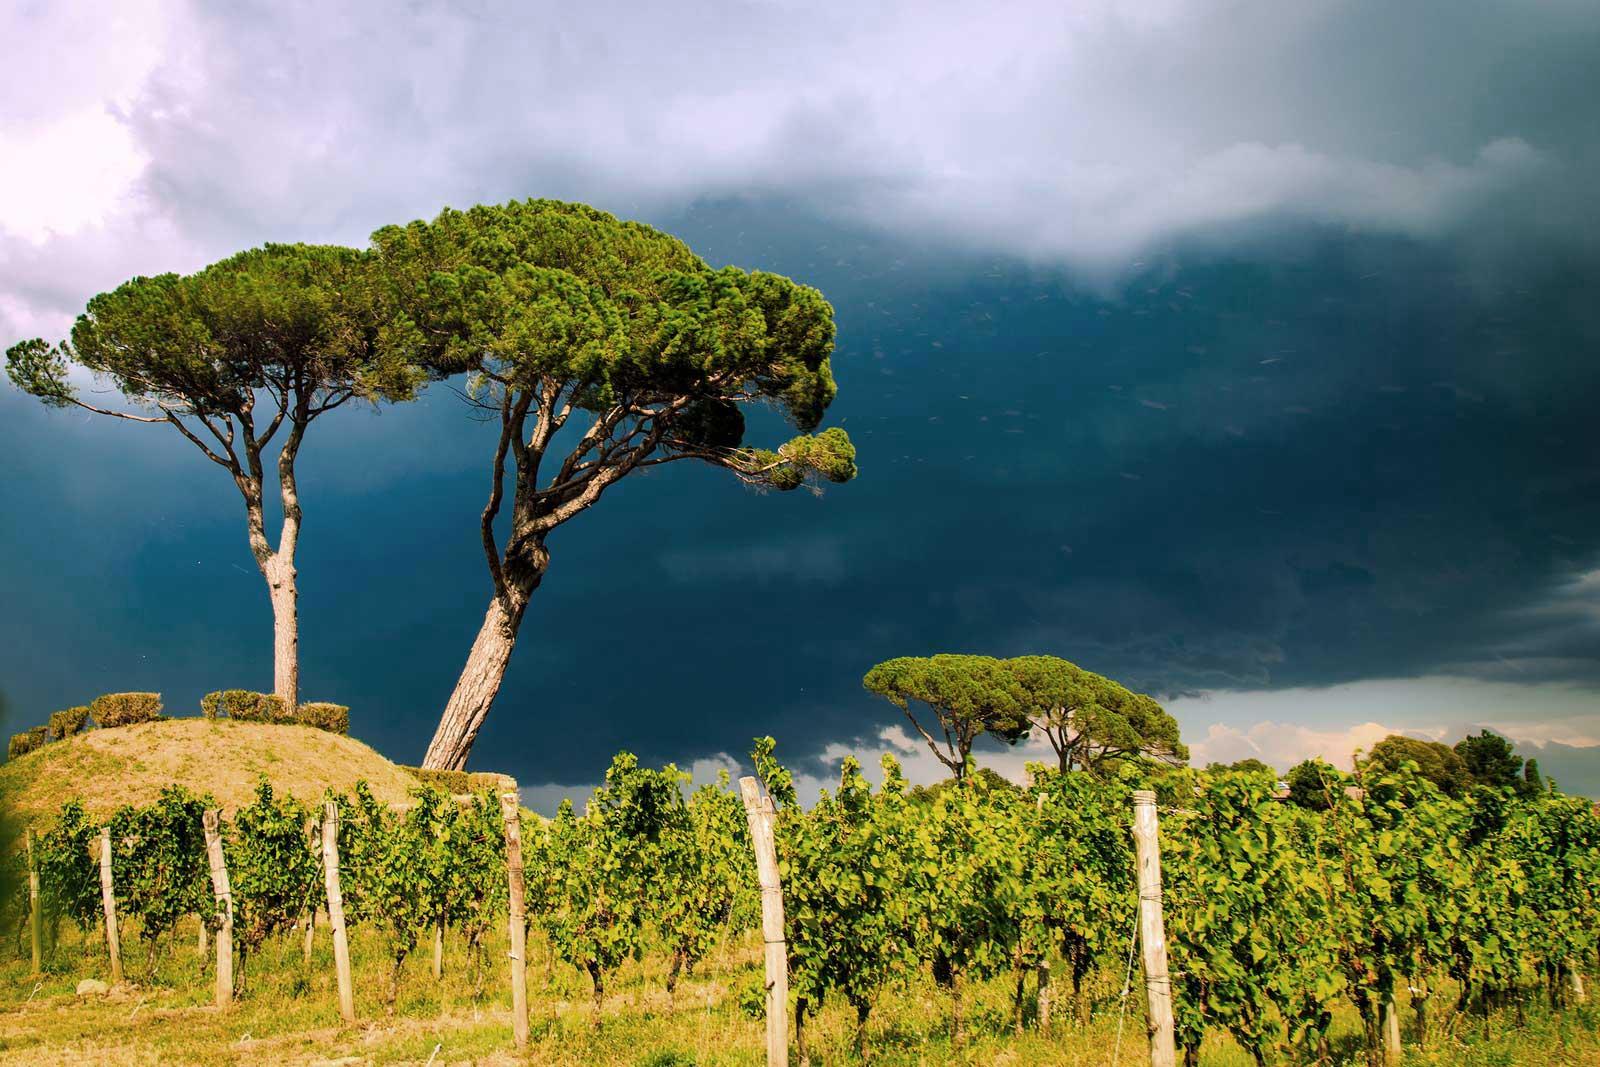 The hills of the Collio DOC are renowned for fostering white-wine grapes, Friuli-Venezia Giulia, Italy.